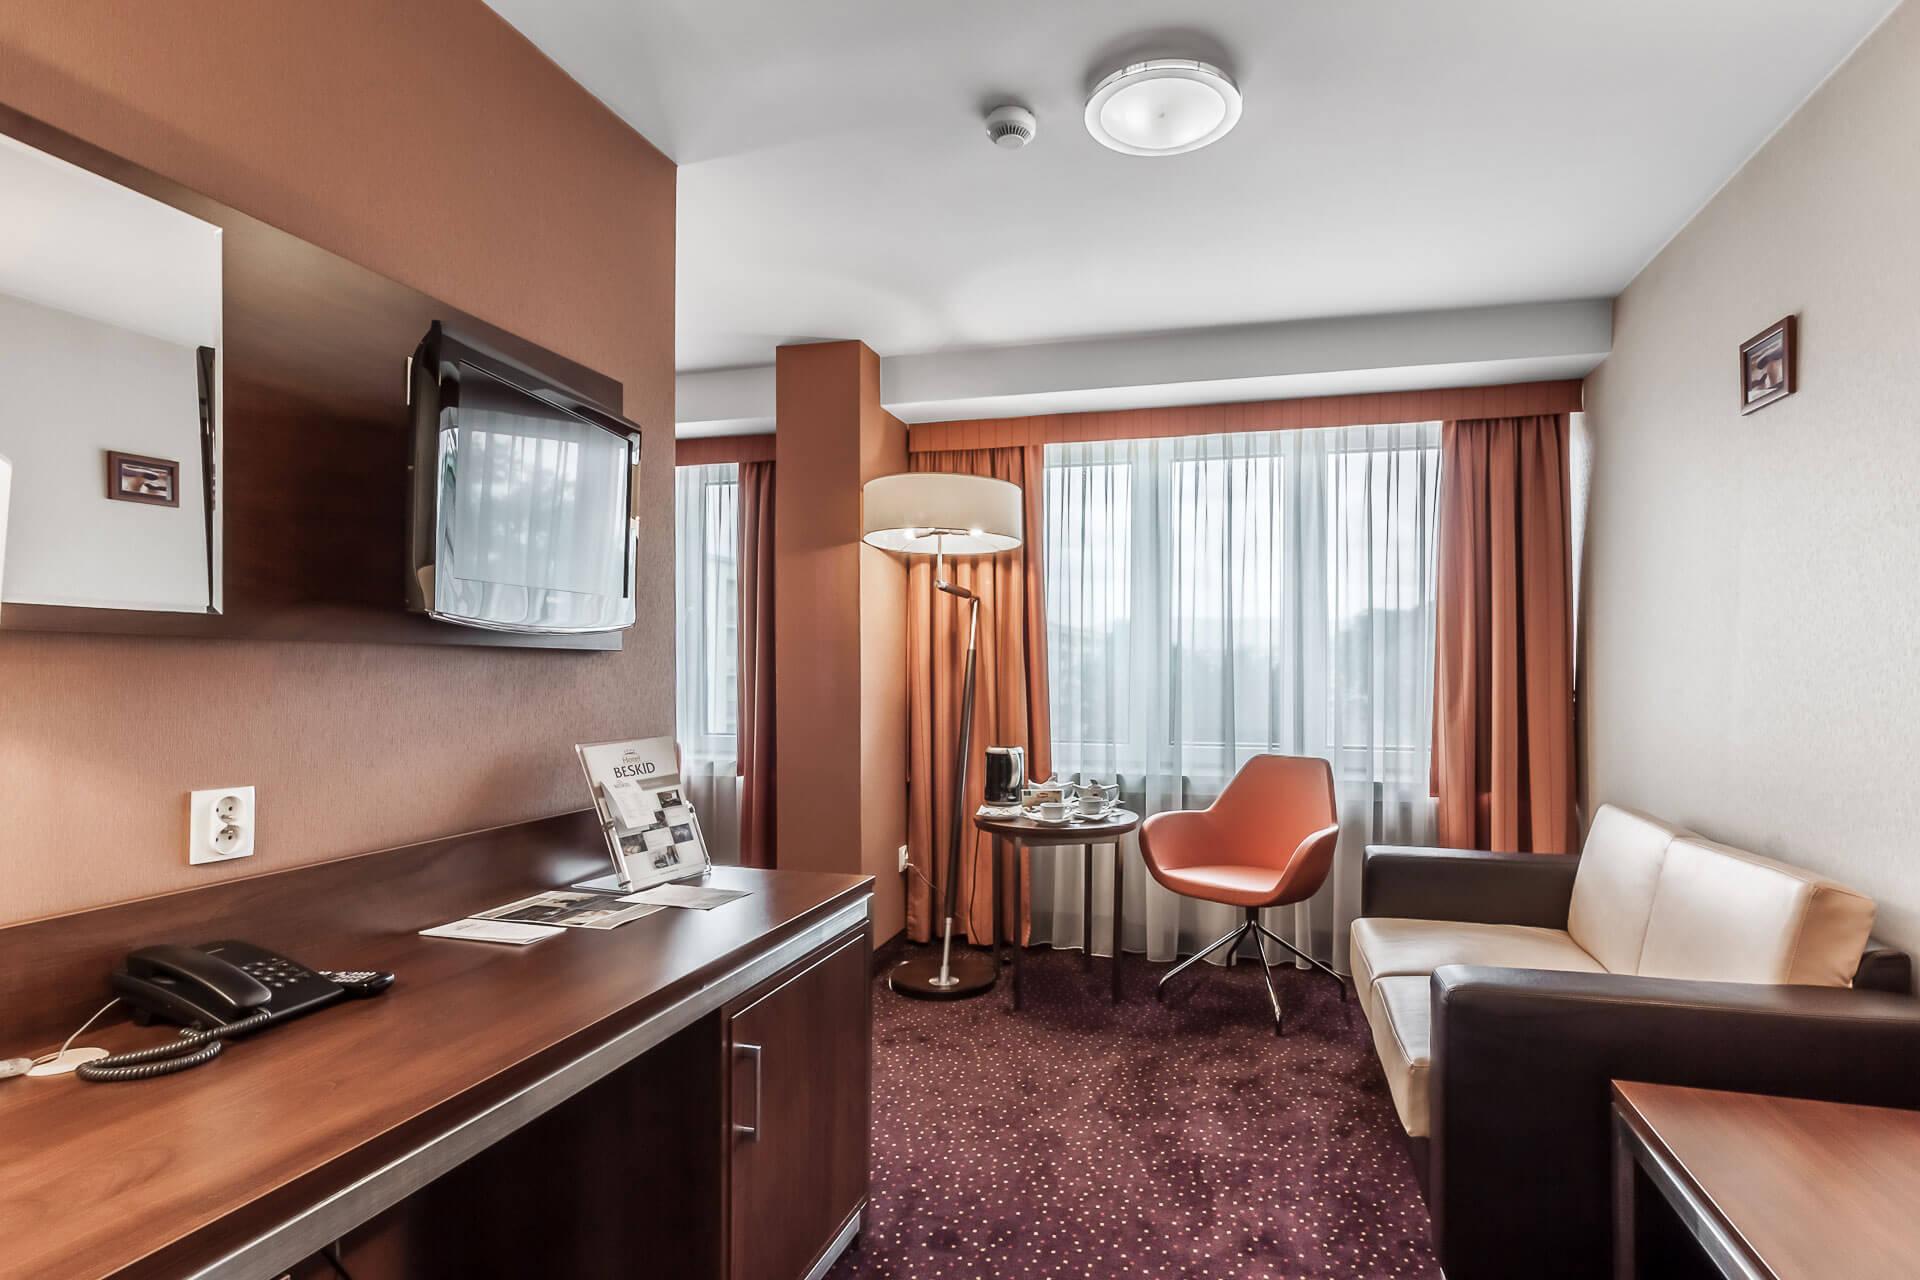 Zdjęcie - Apartament Superior Lux - Hotel Beskid****